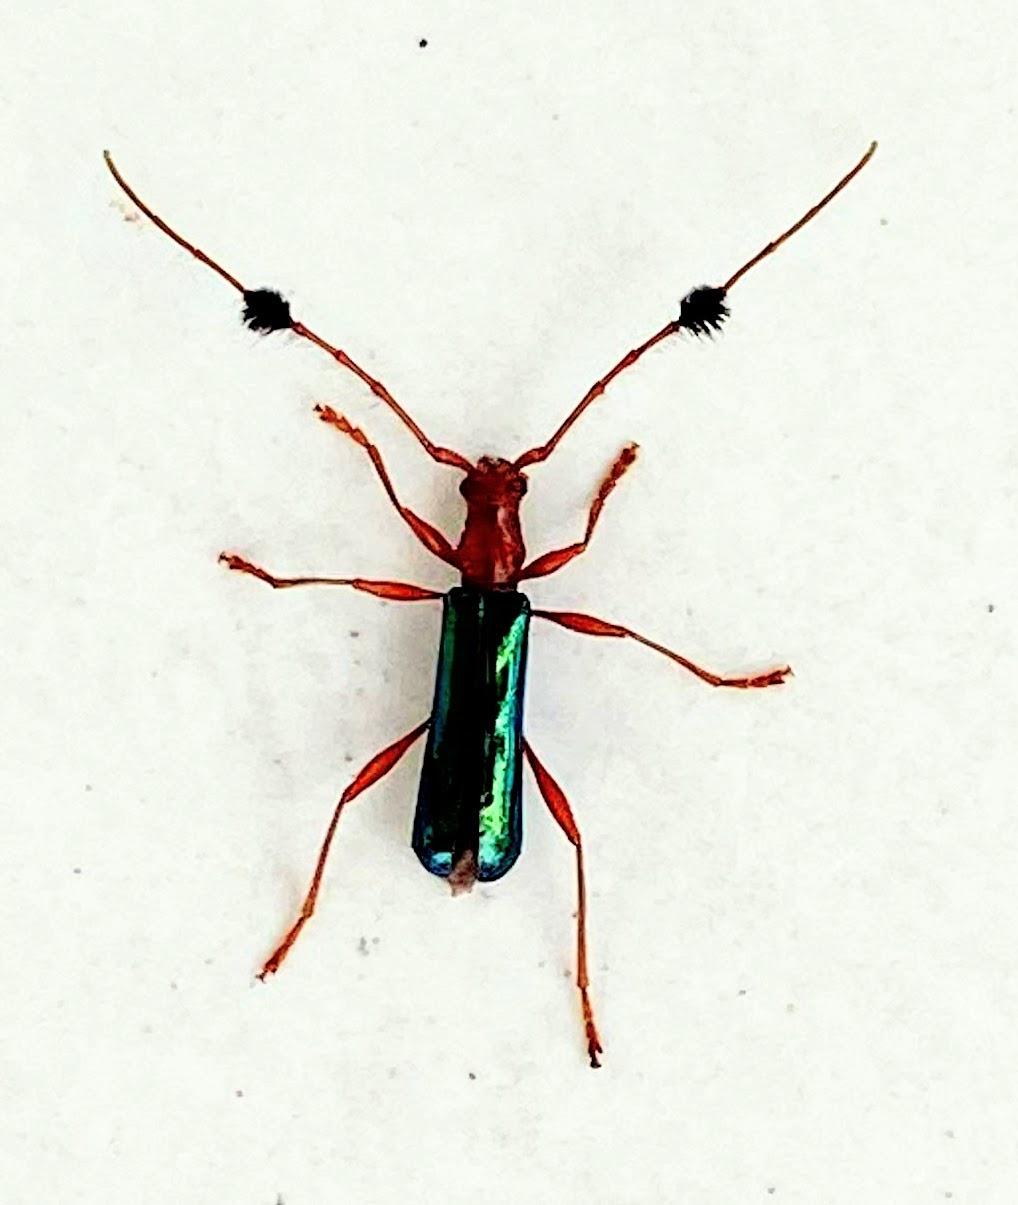 Longicorn Beetle (Cosmisoma chalybeipenne)